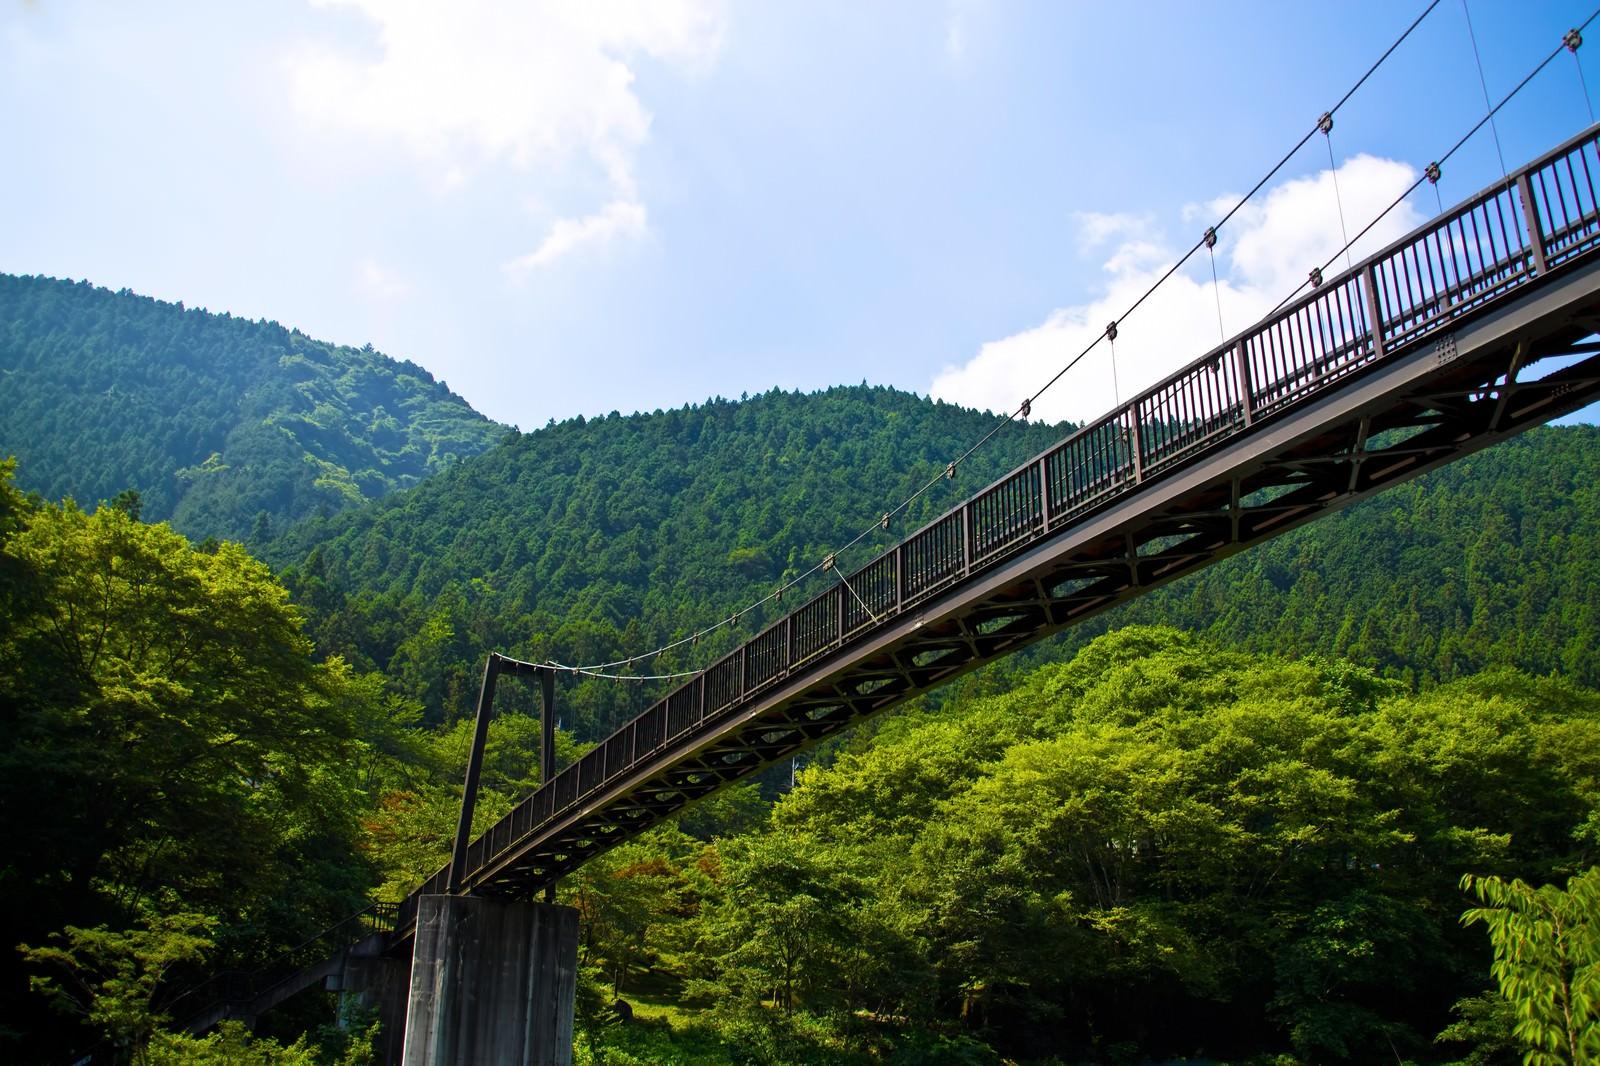 「夏の山と架橋夏の山と架橋」のフリー写真素材を拡大